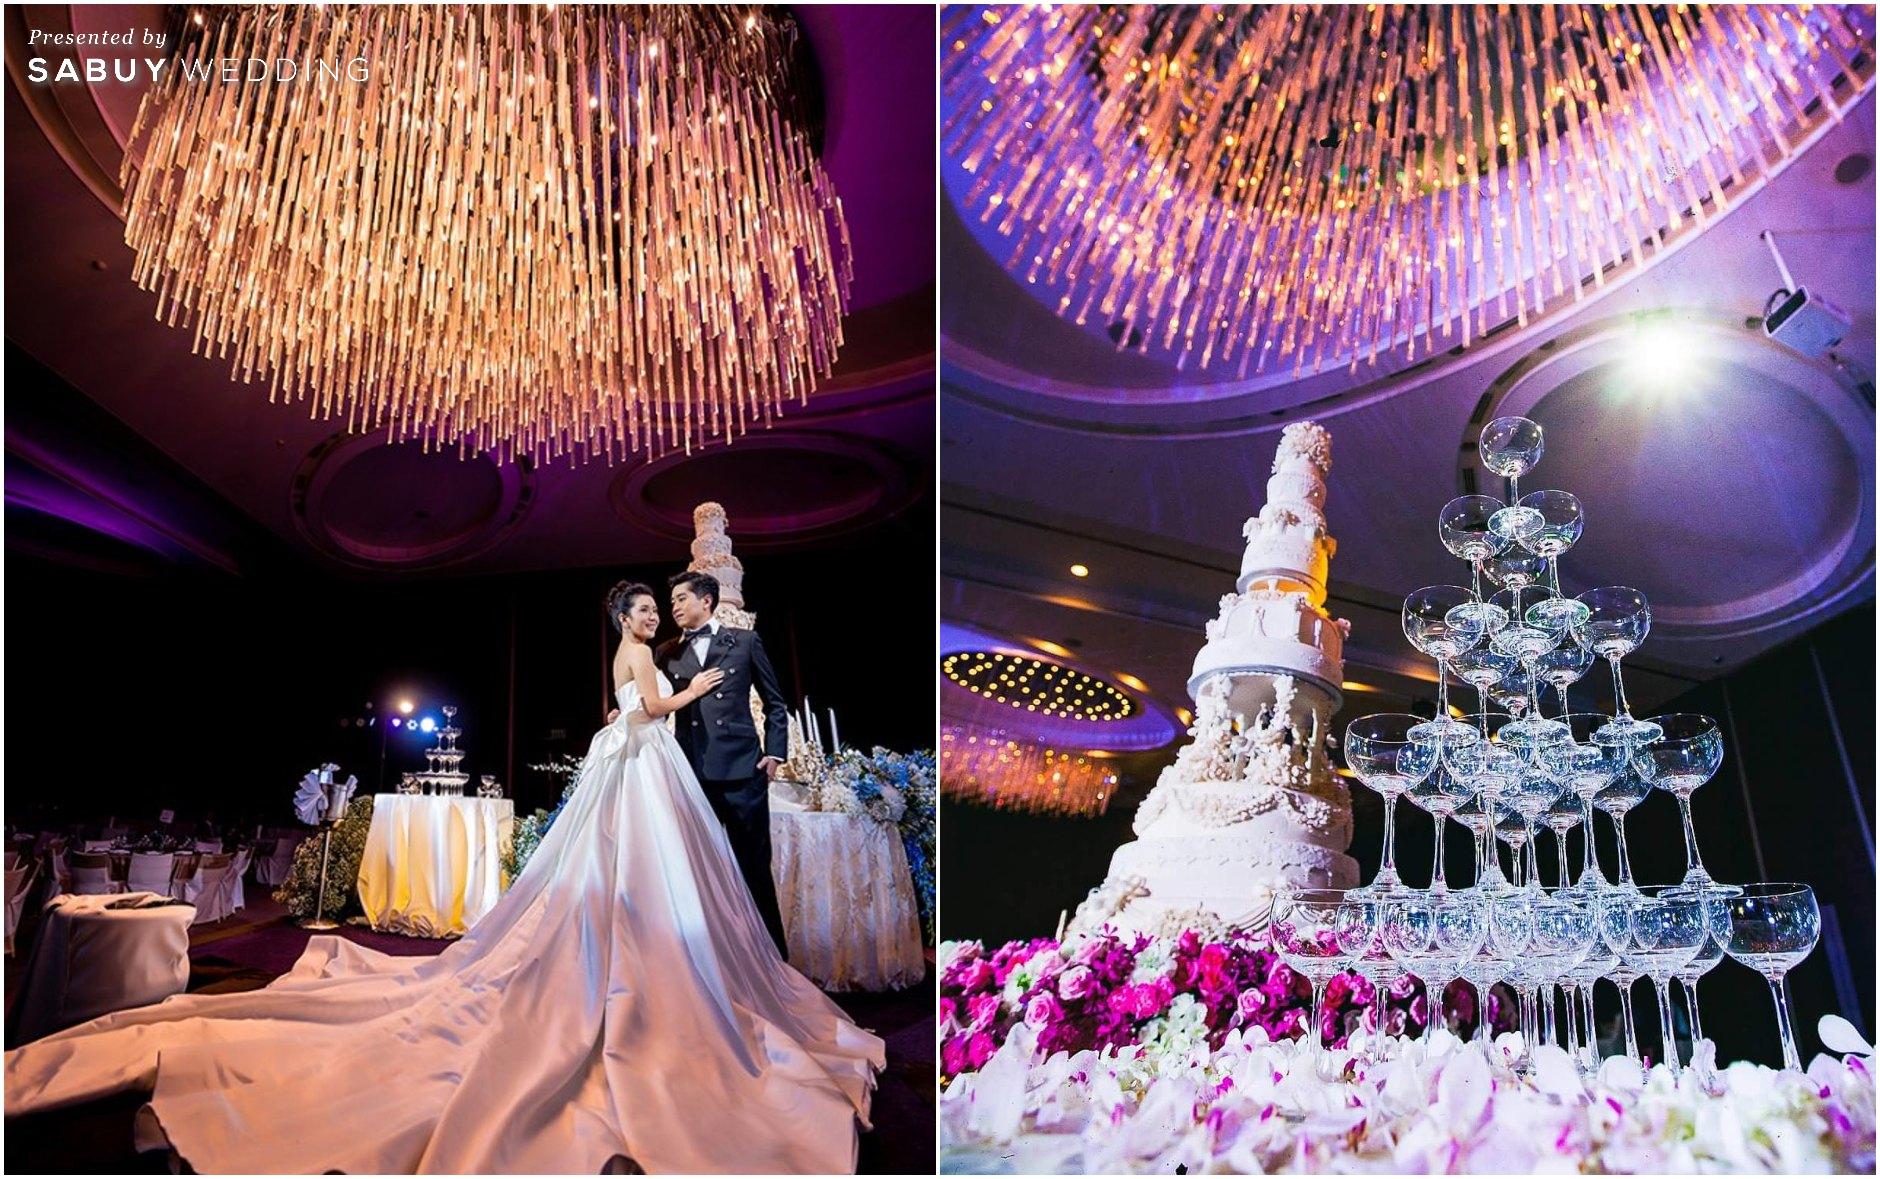 CDC Crystal Grand Ballroom,สถานที่แต่งงาน,สถานที่จัดงานแต่งงาน,สถานที่แต่งงานขนาดใหญ่,งานแต่งงาน,งานเลี้ยง,เจ้าบ่าว,เจ้าสาว,เค้กแต่งงาน,เค้กงานแต่ง,เค้ก CDC Crystal Grand Ballroom ห้องจัดเลี้ยงแชนเดอเลียร์สวยแกรนด์ ถ่ายรูปงานแต่งมุมไหนก็ปัง!